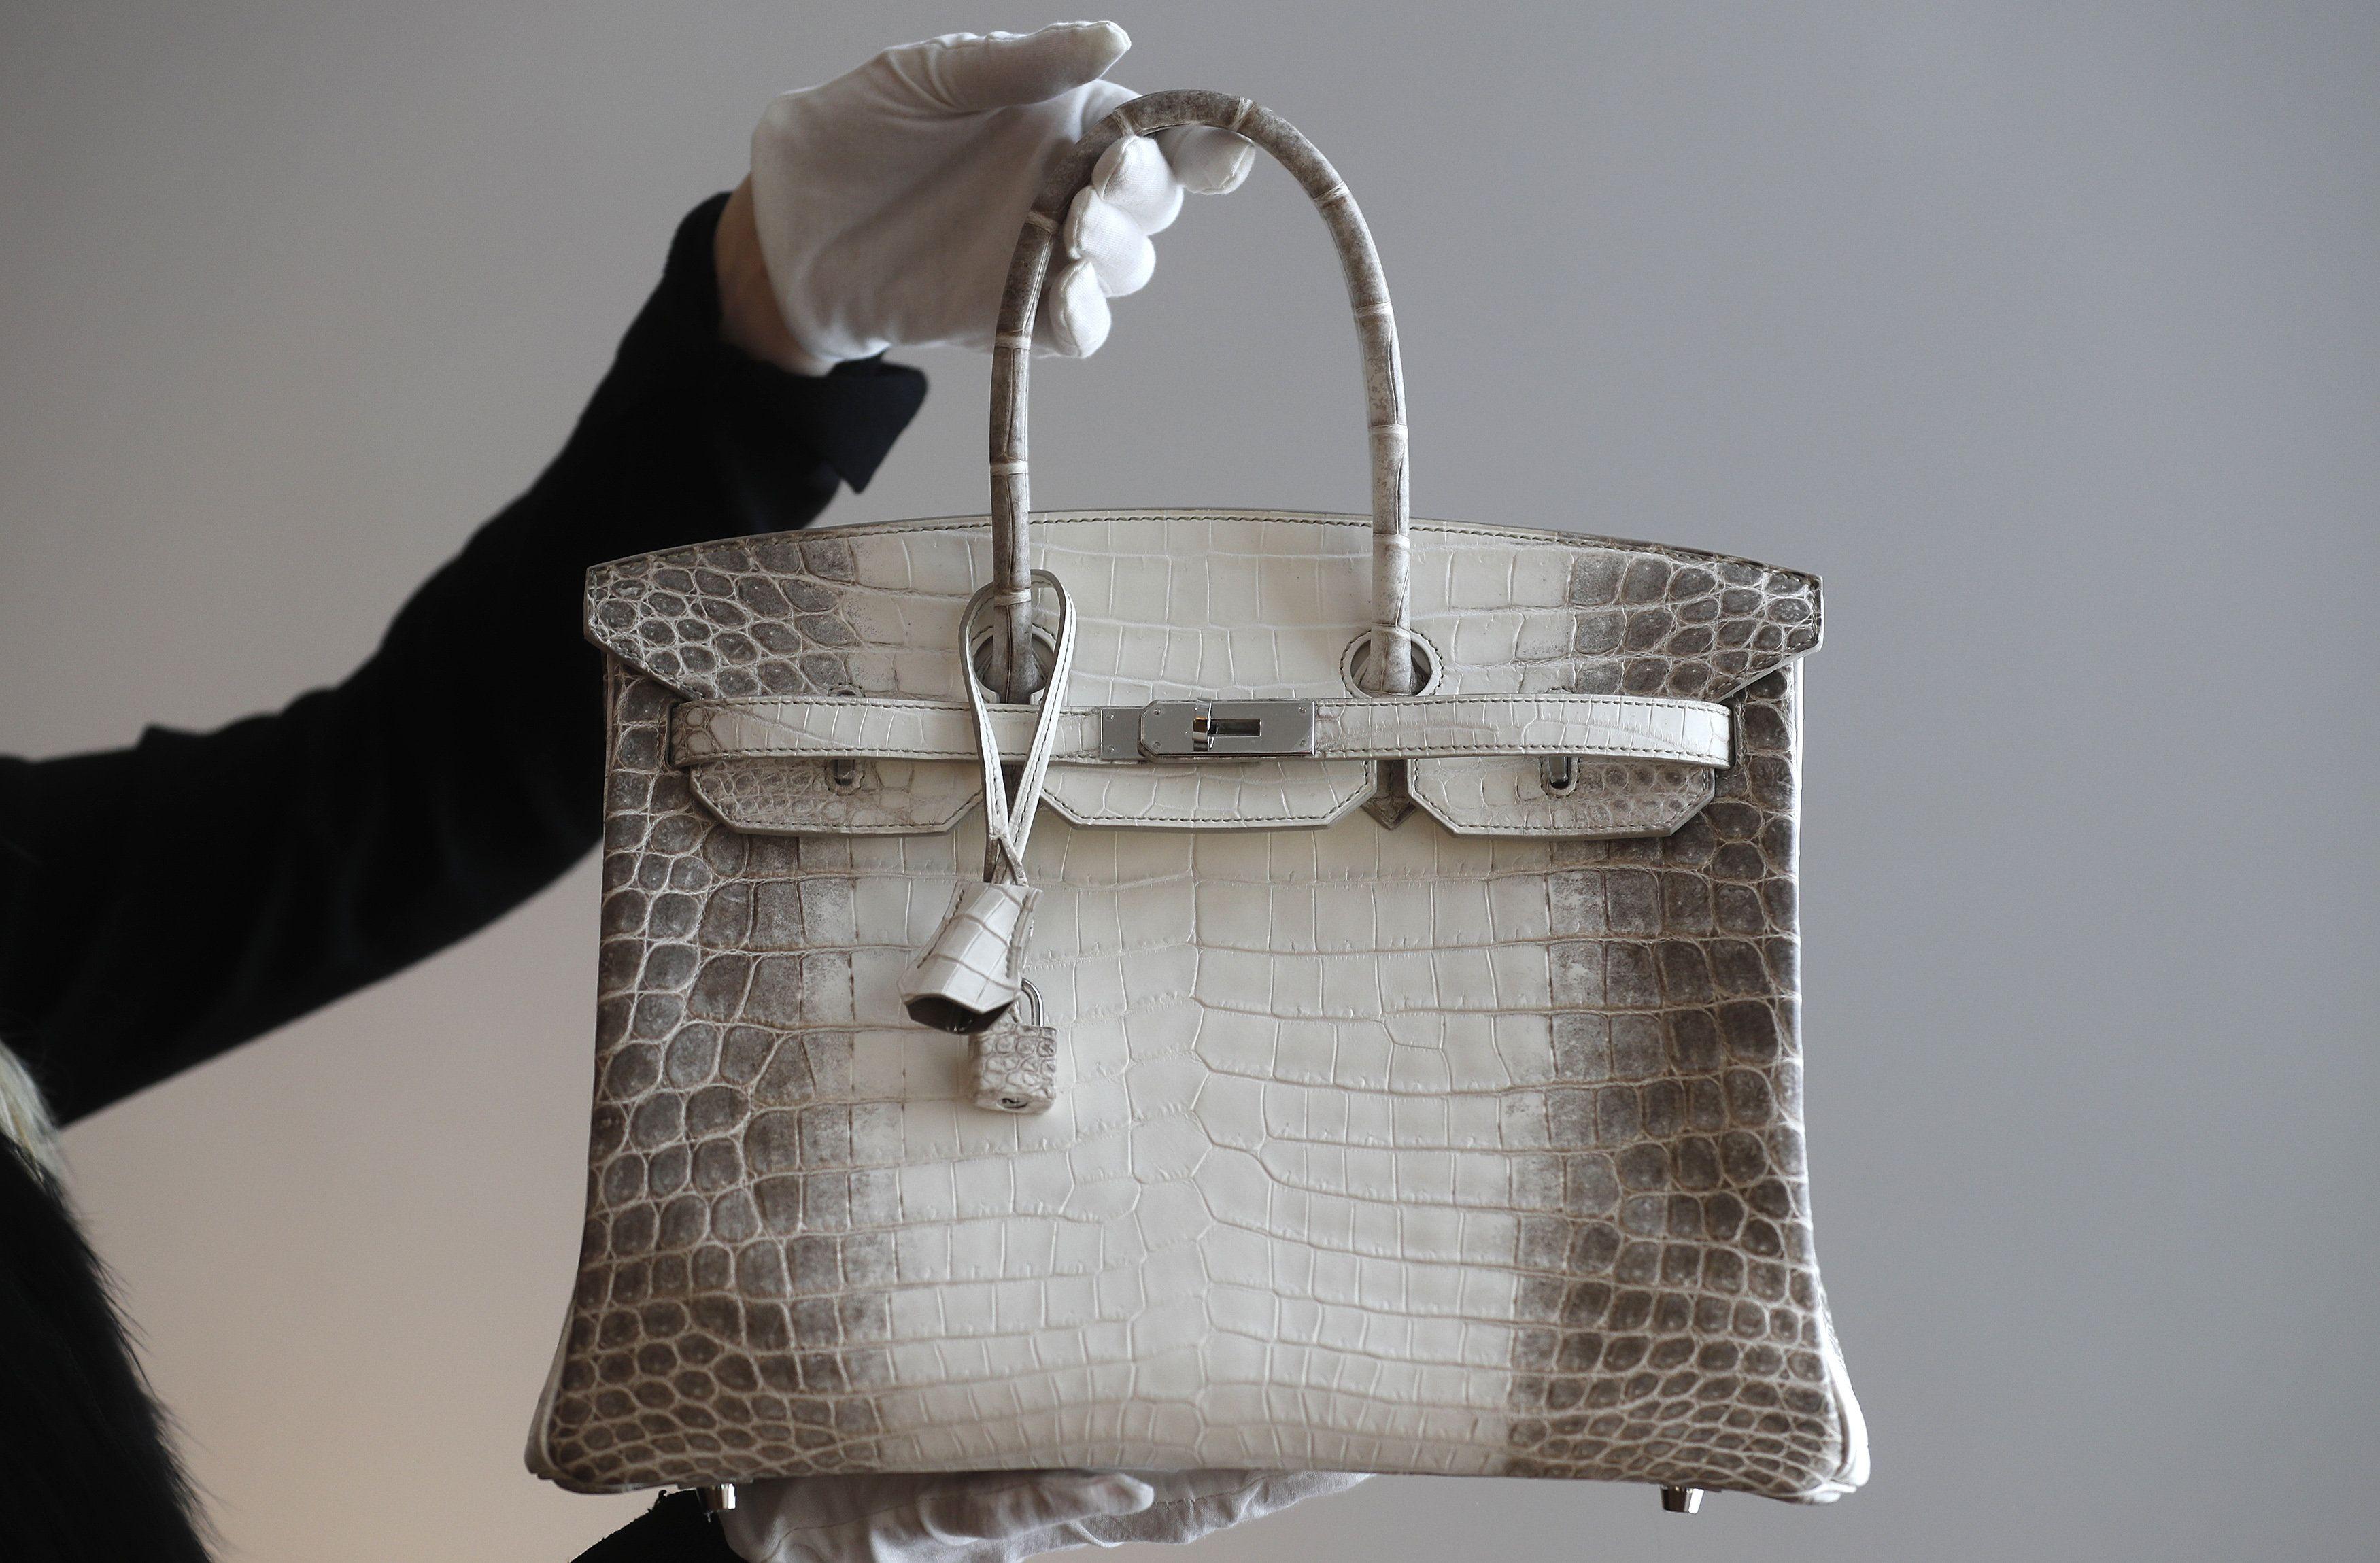 Se estima que solo se producen entre uno y dos bolsos de este tipo cada año,por lo que las listas de espera para adquirirlos demoran hasta 6 años